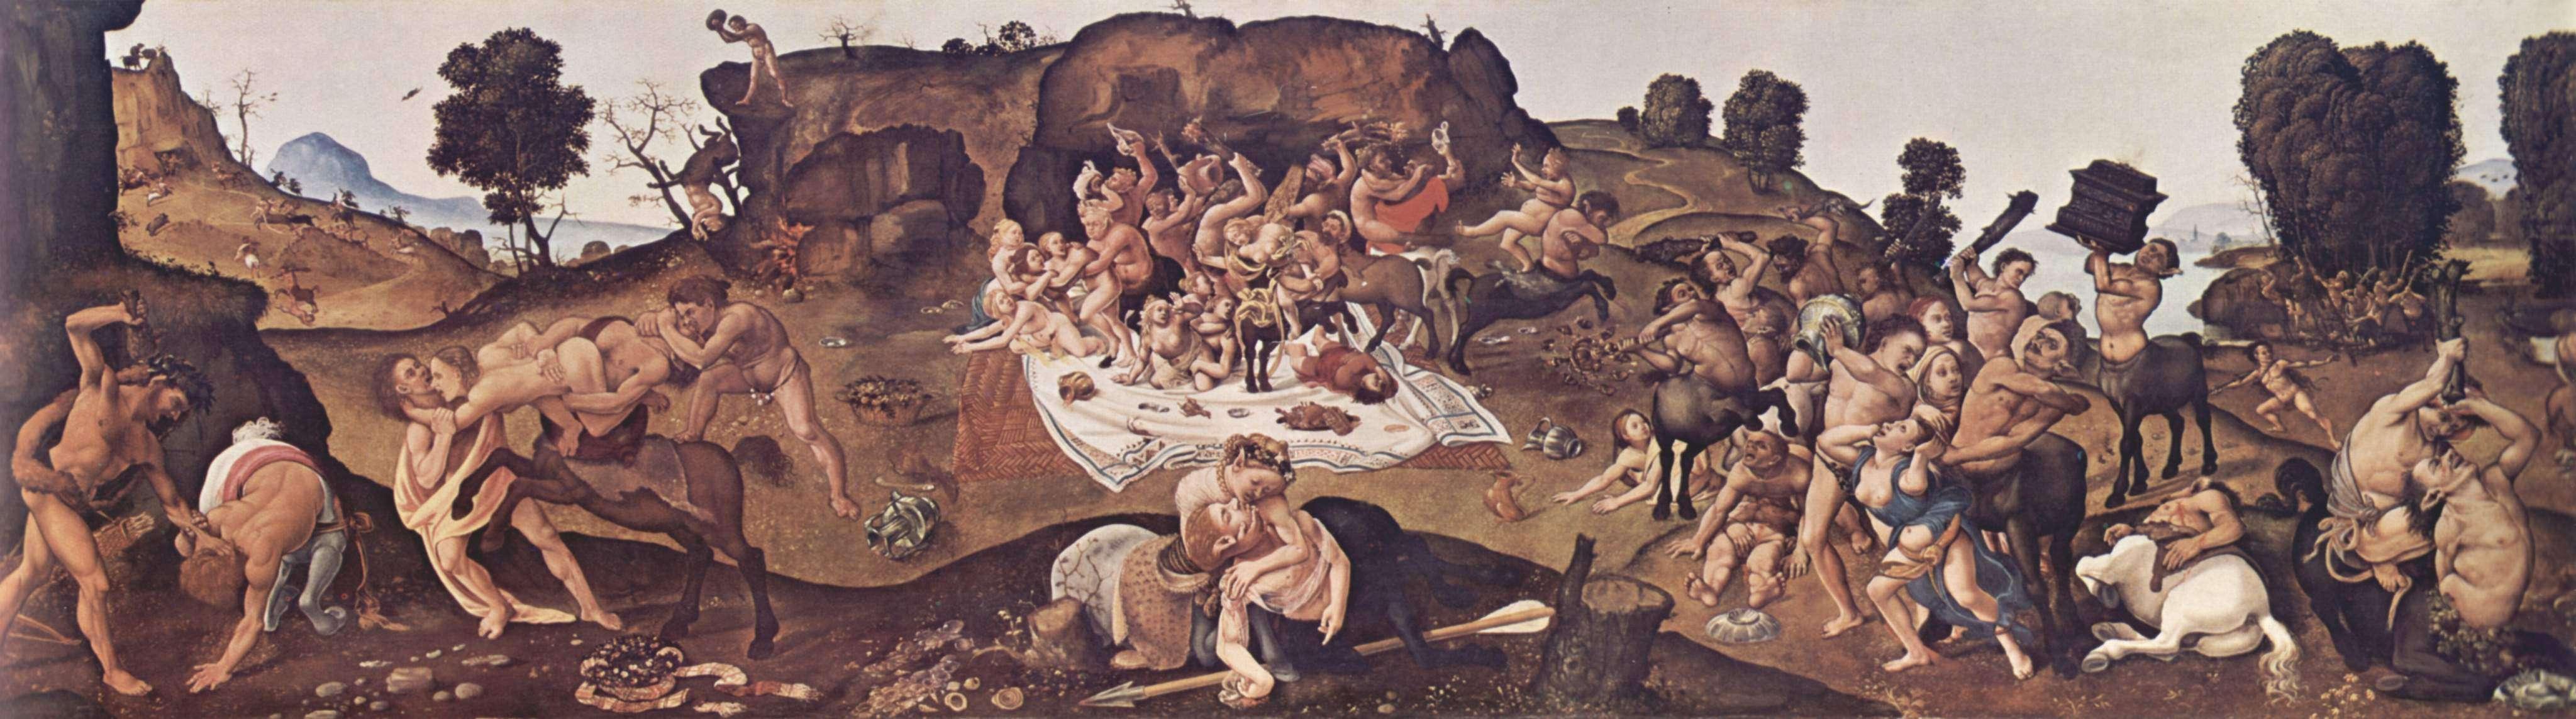 Η μάχη των Λαπιθών και Κενταύρων σε πίνακα του Πιέρο ντι Κόζιμο